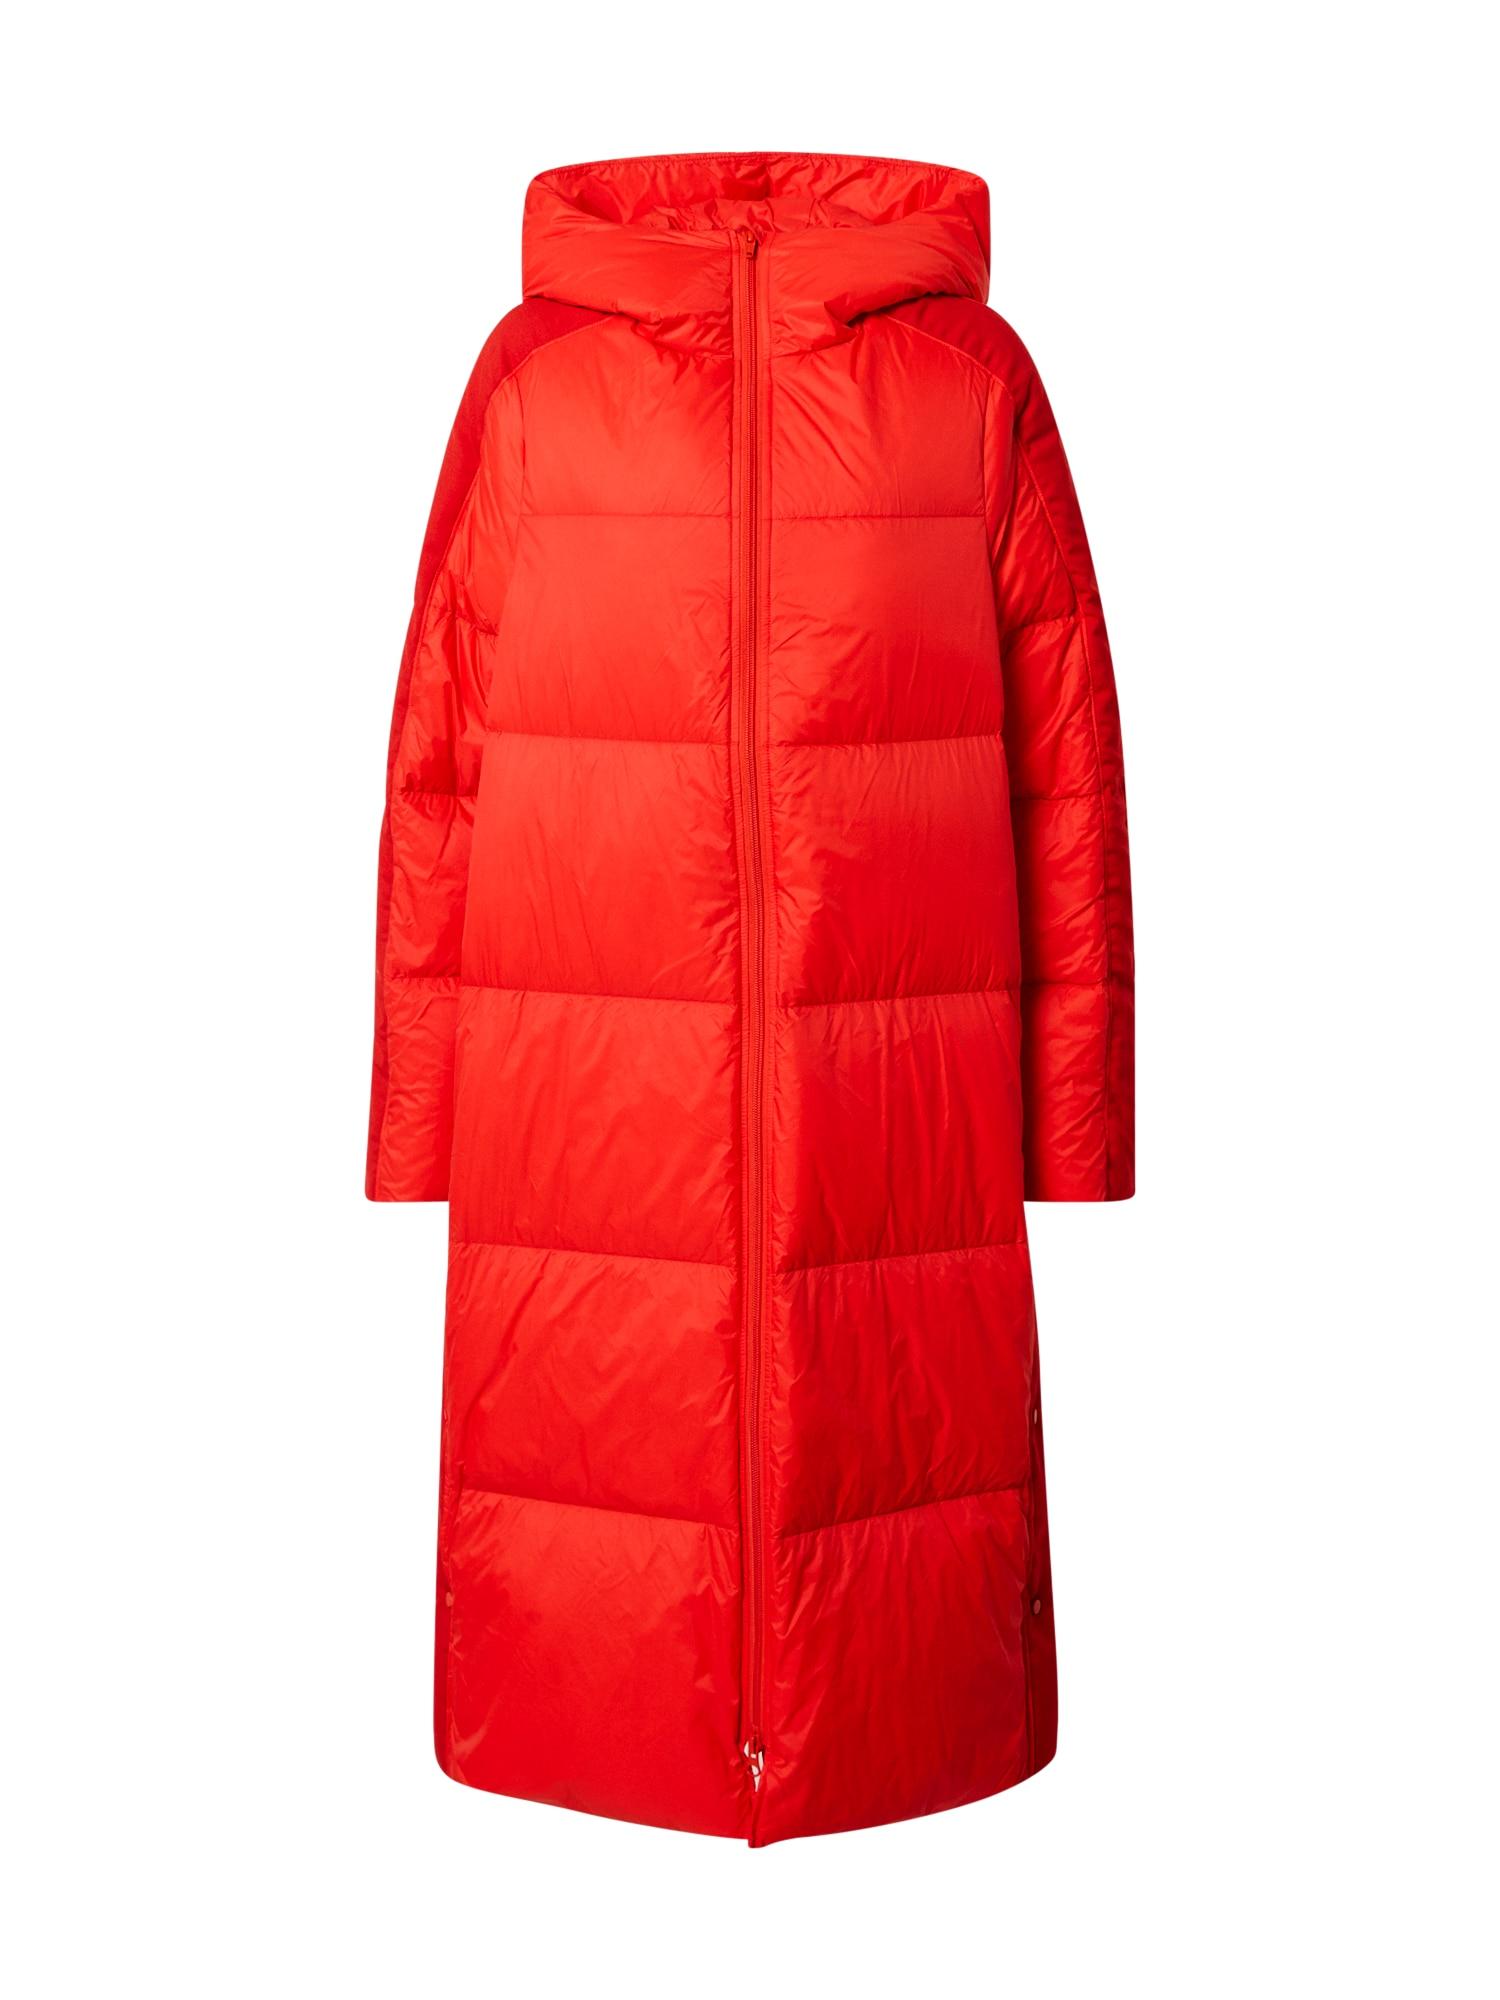 JNBY Rudeninis-žieminis paltas ugnies raudona